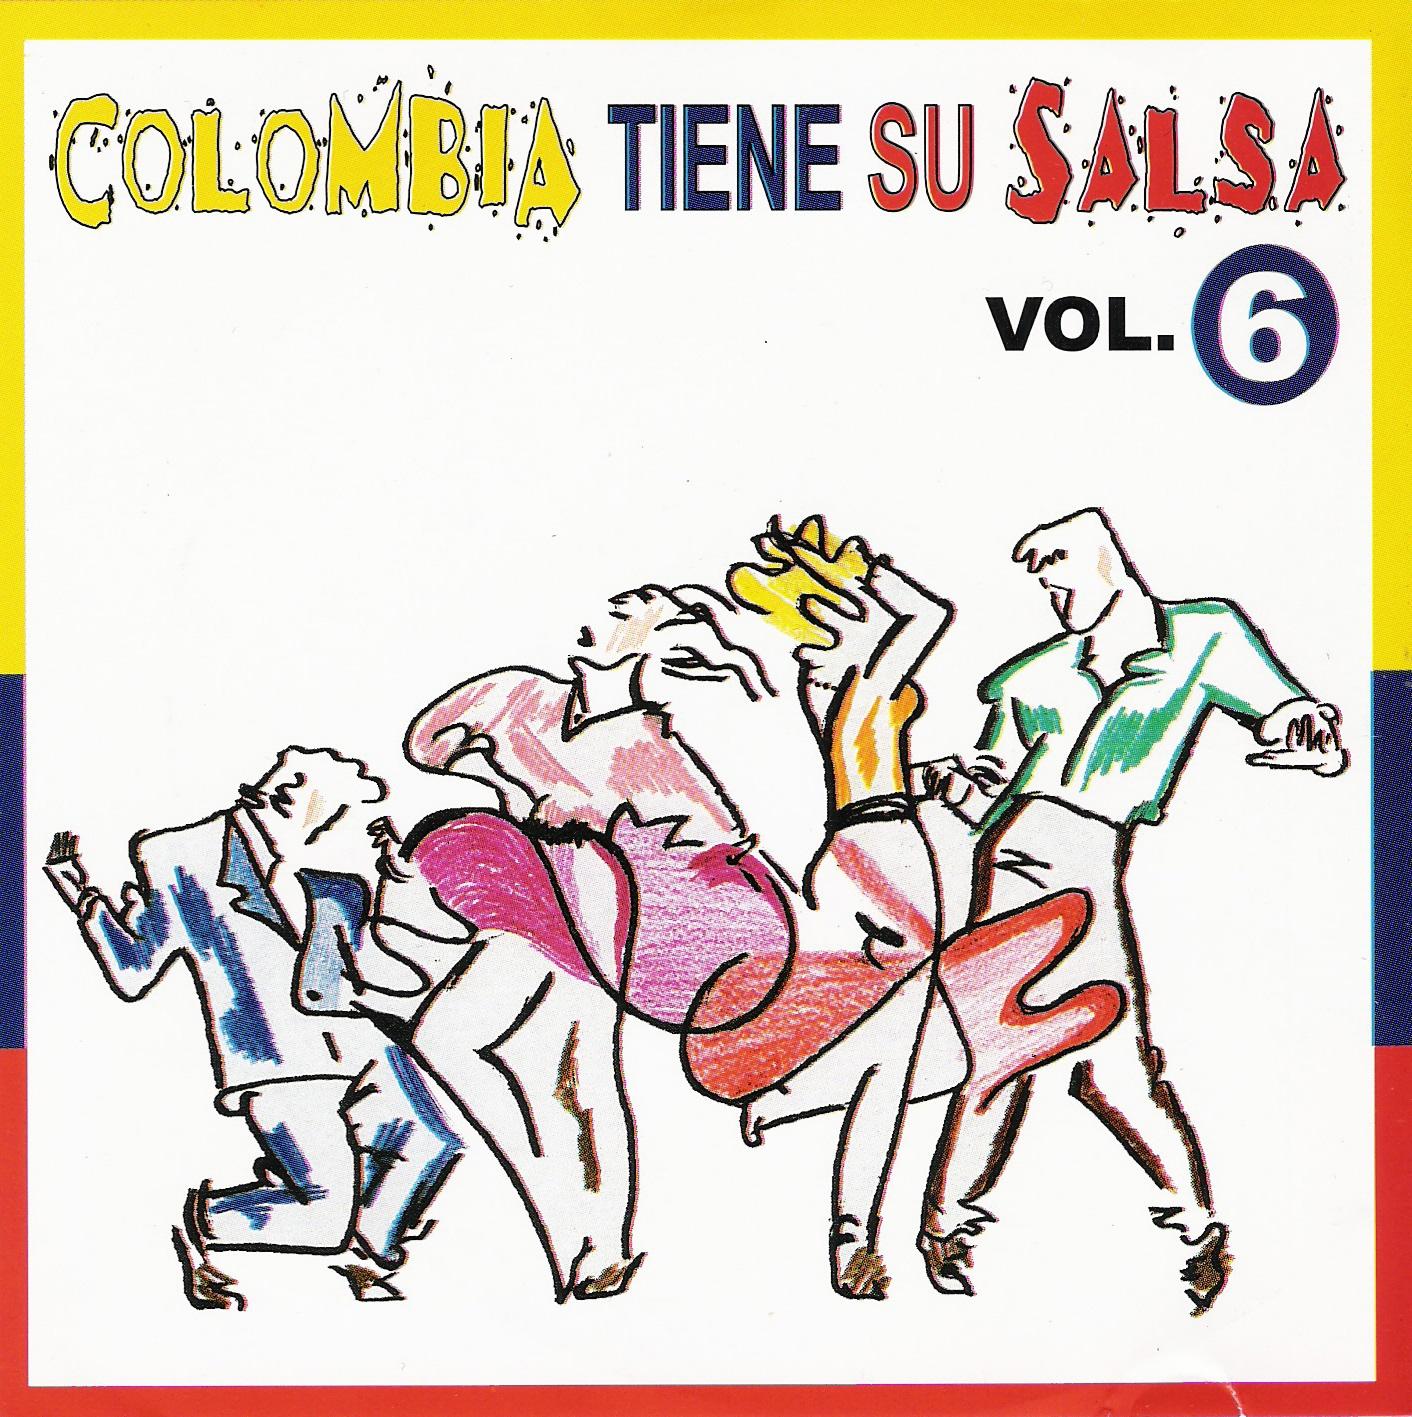 Hillary ramirez colombia tiene su salsa vol 6 todas las for Todas las descargas